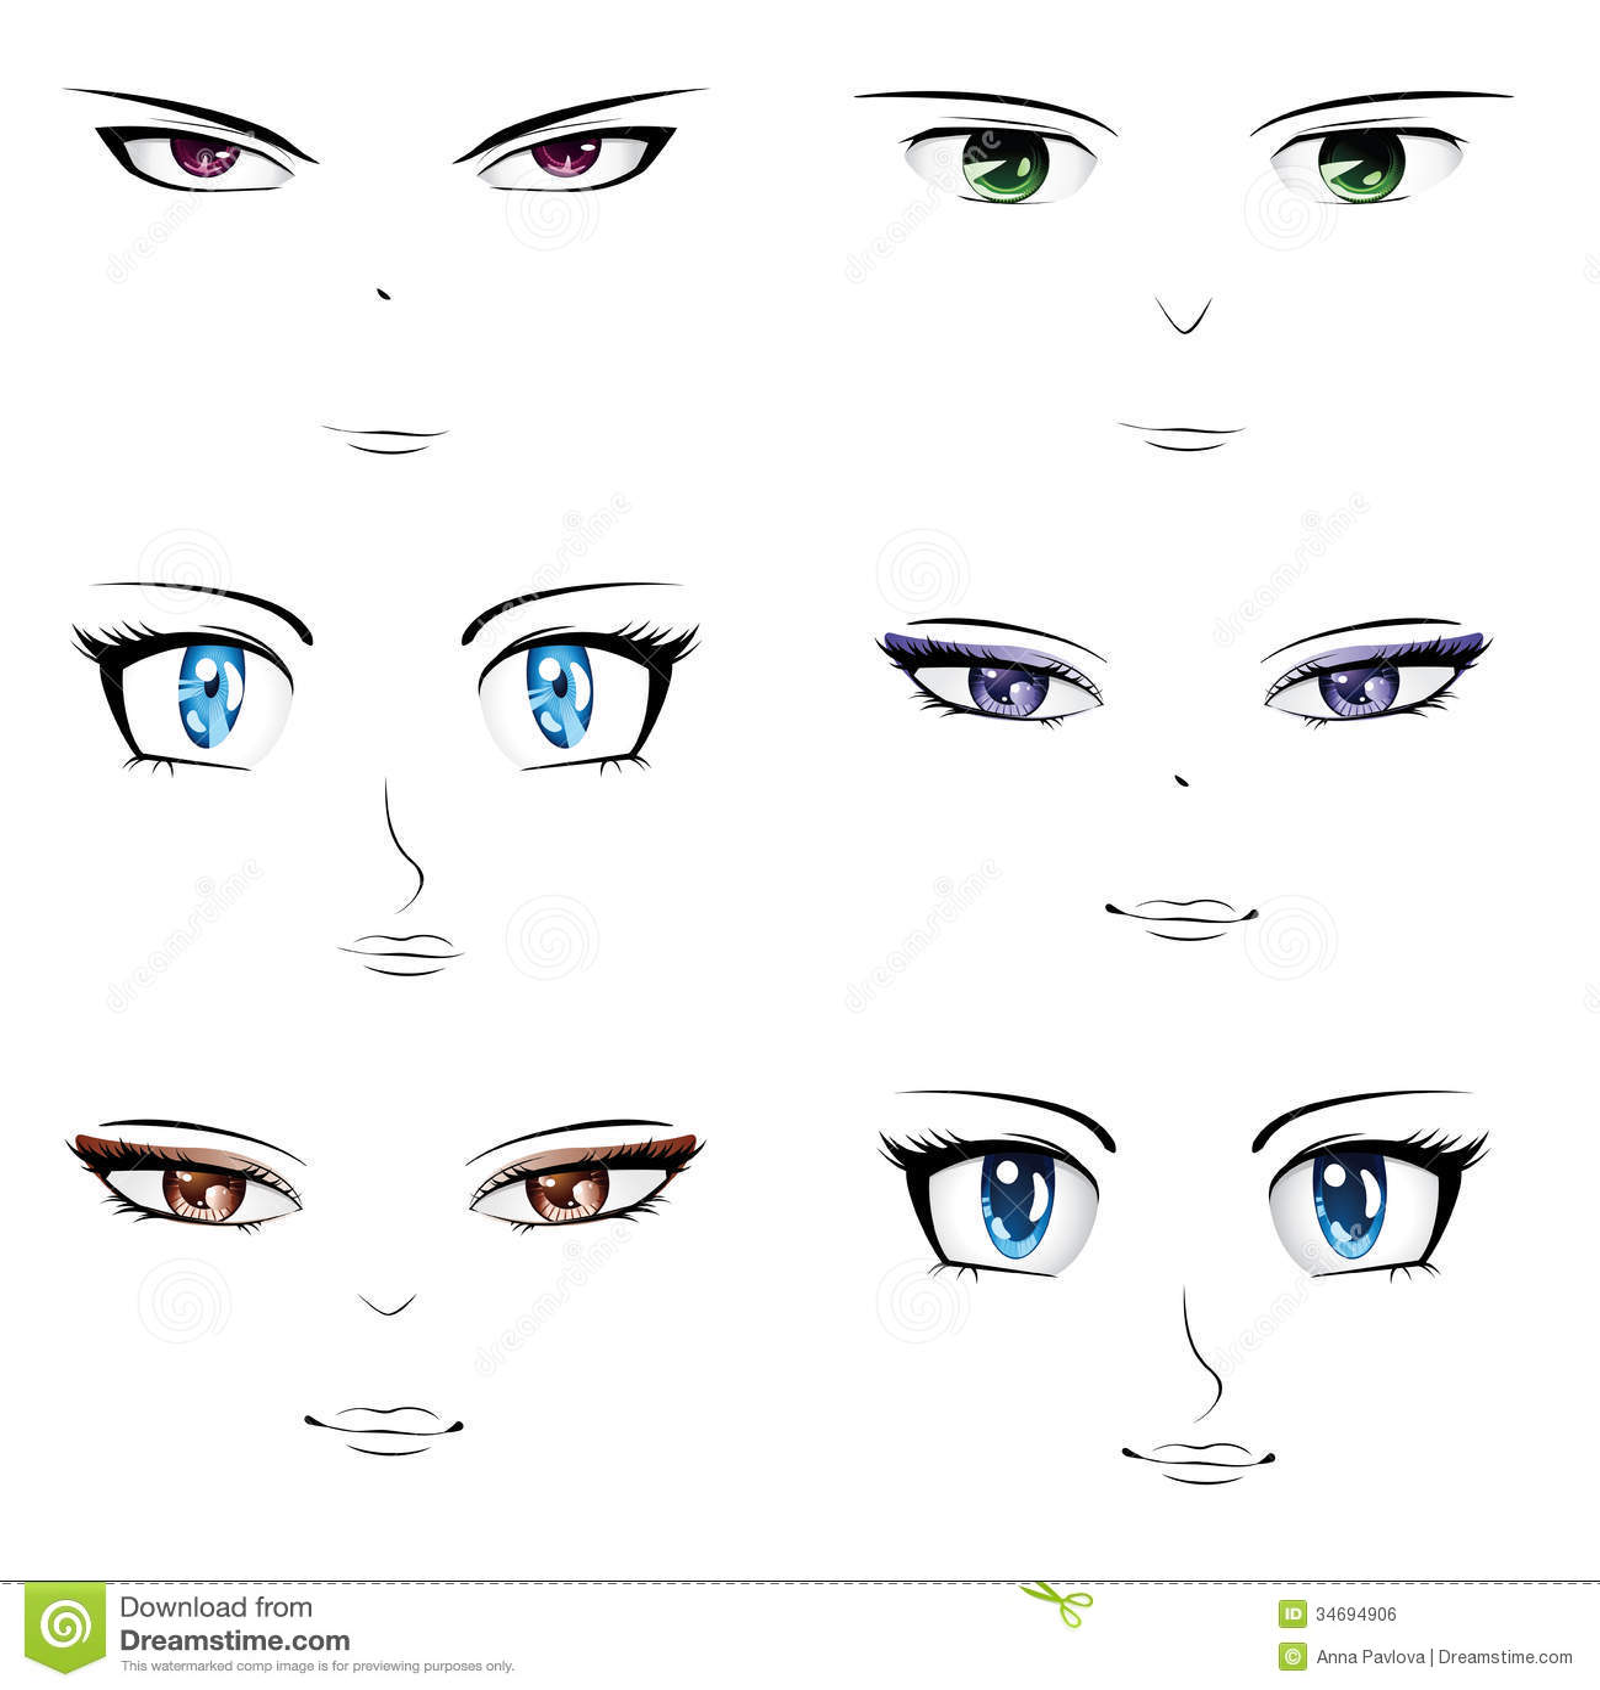 Anime faces